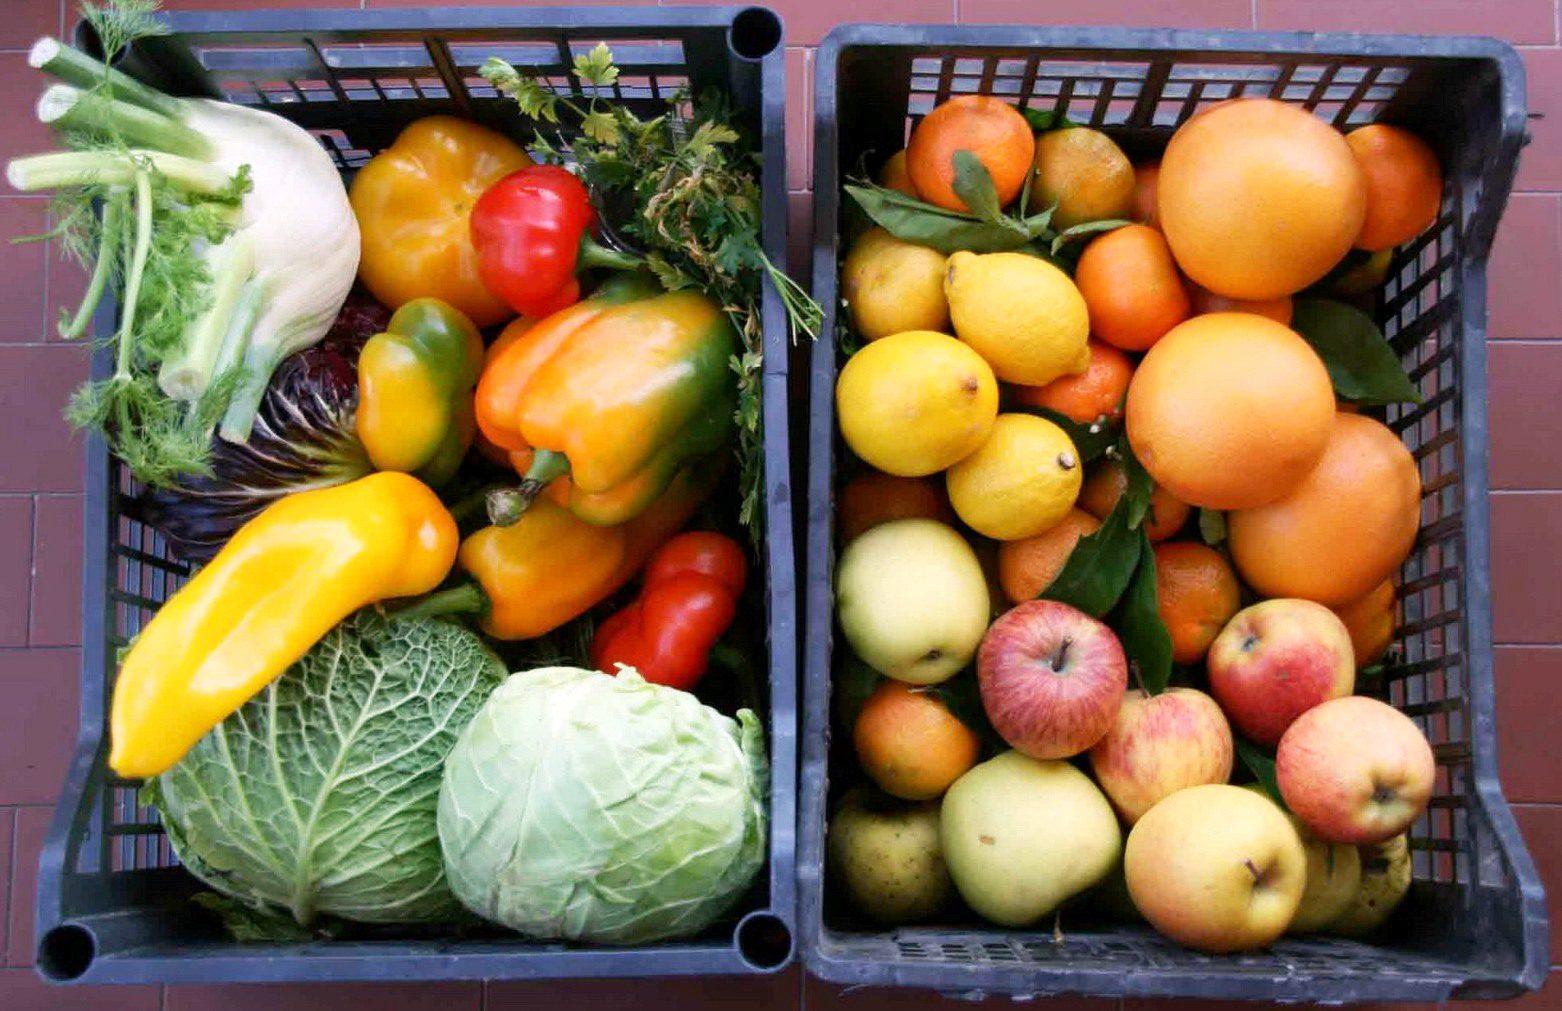 Nuova vita agli scarti alimentari per fermare lo spreco di cibo